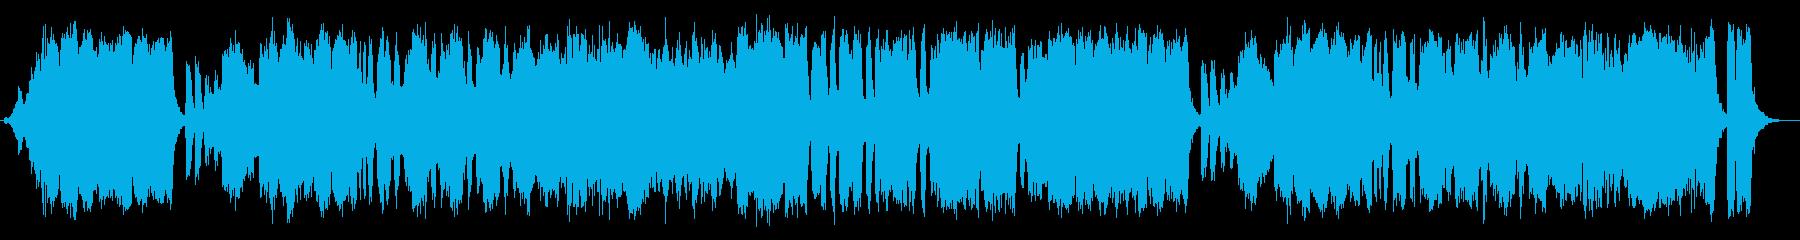 弦楽四重奏です。3分半ほどの短い曲です…の再生済みの波形